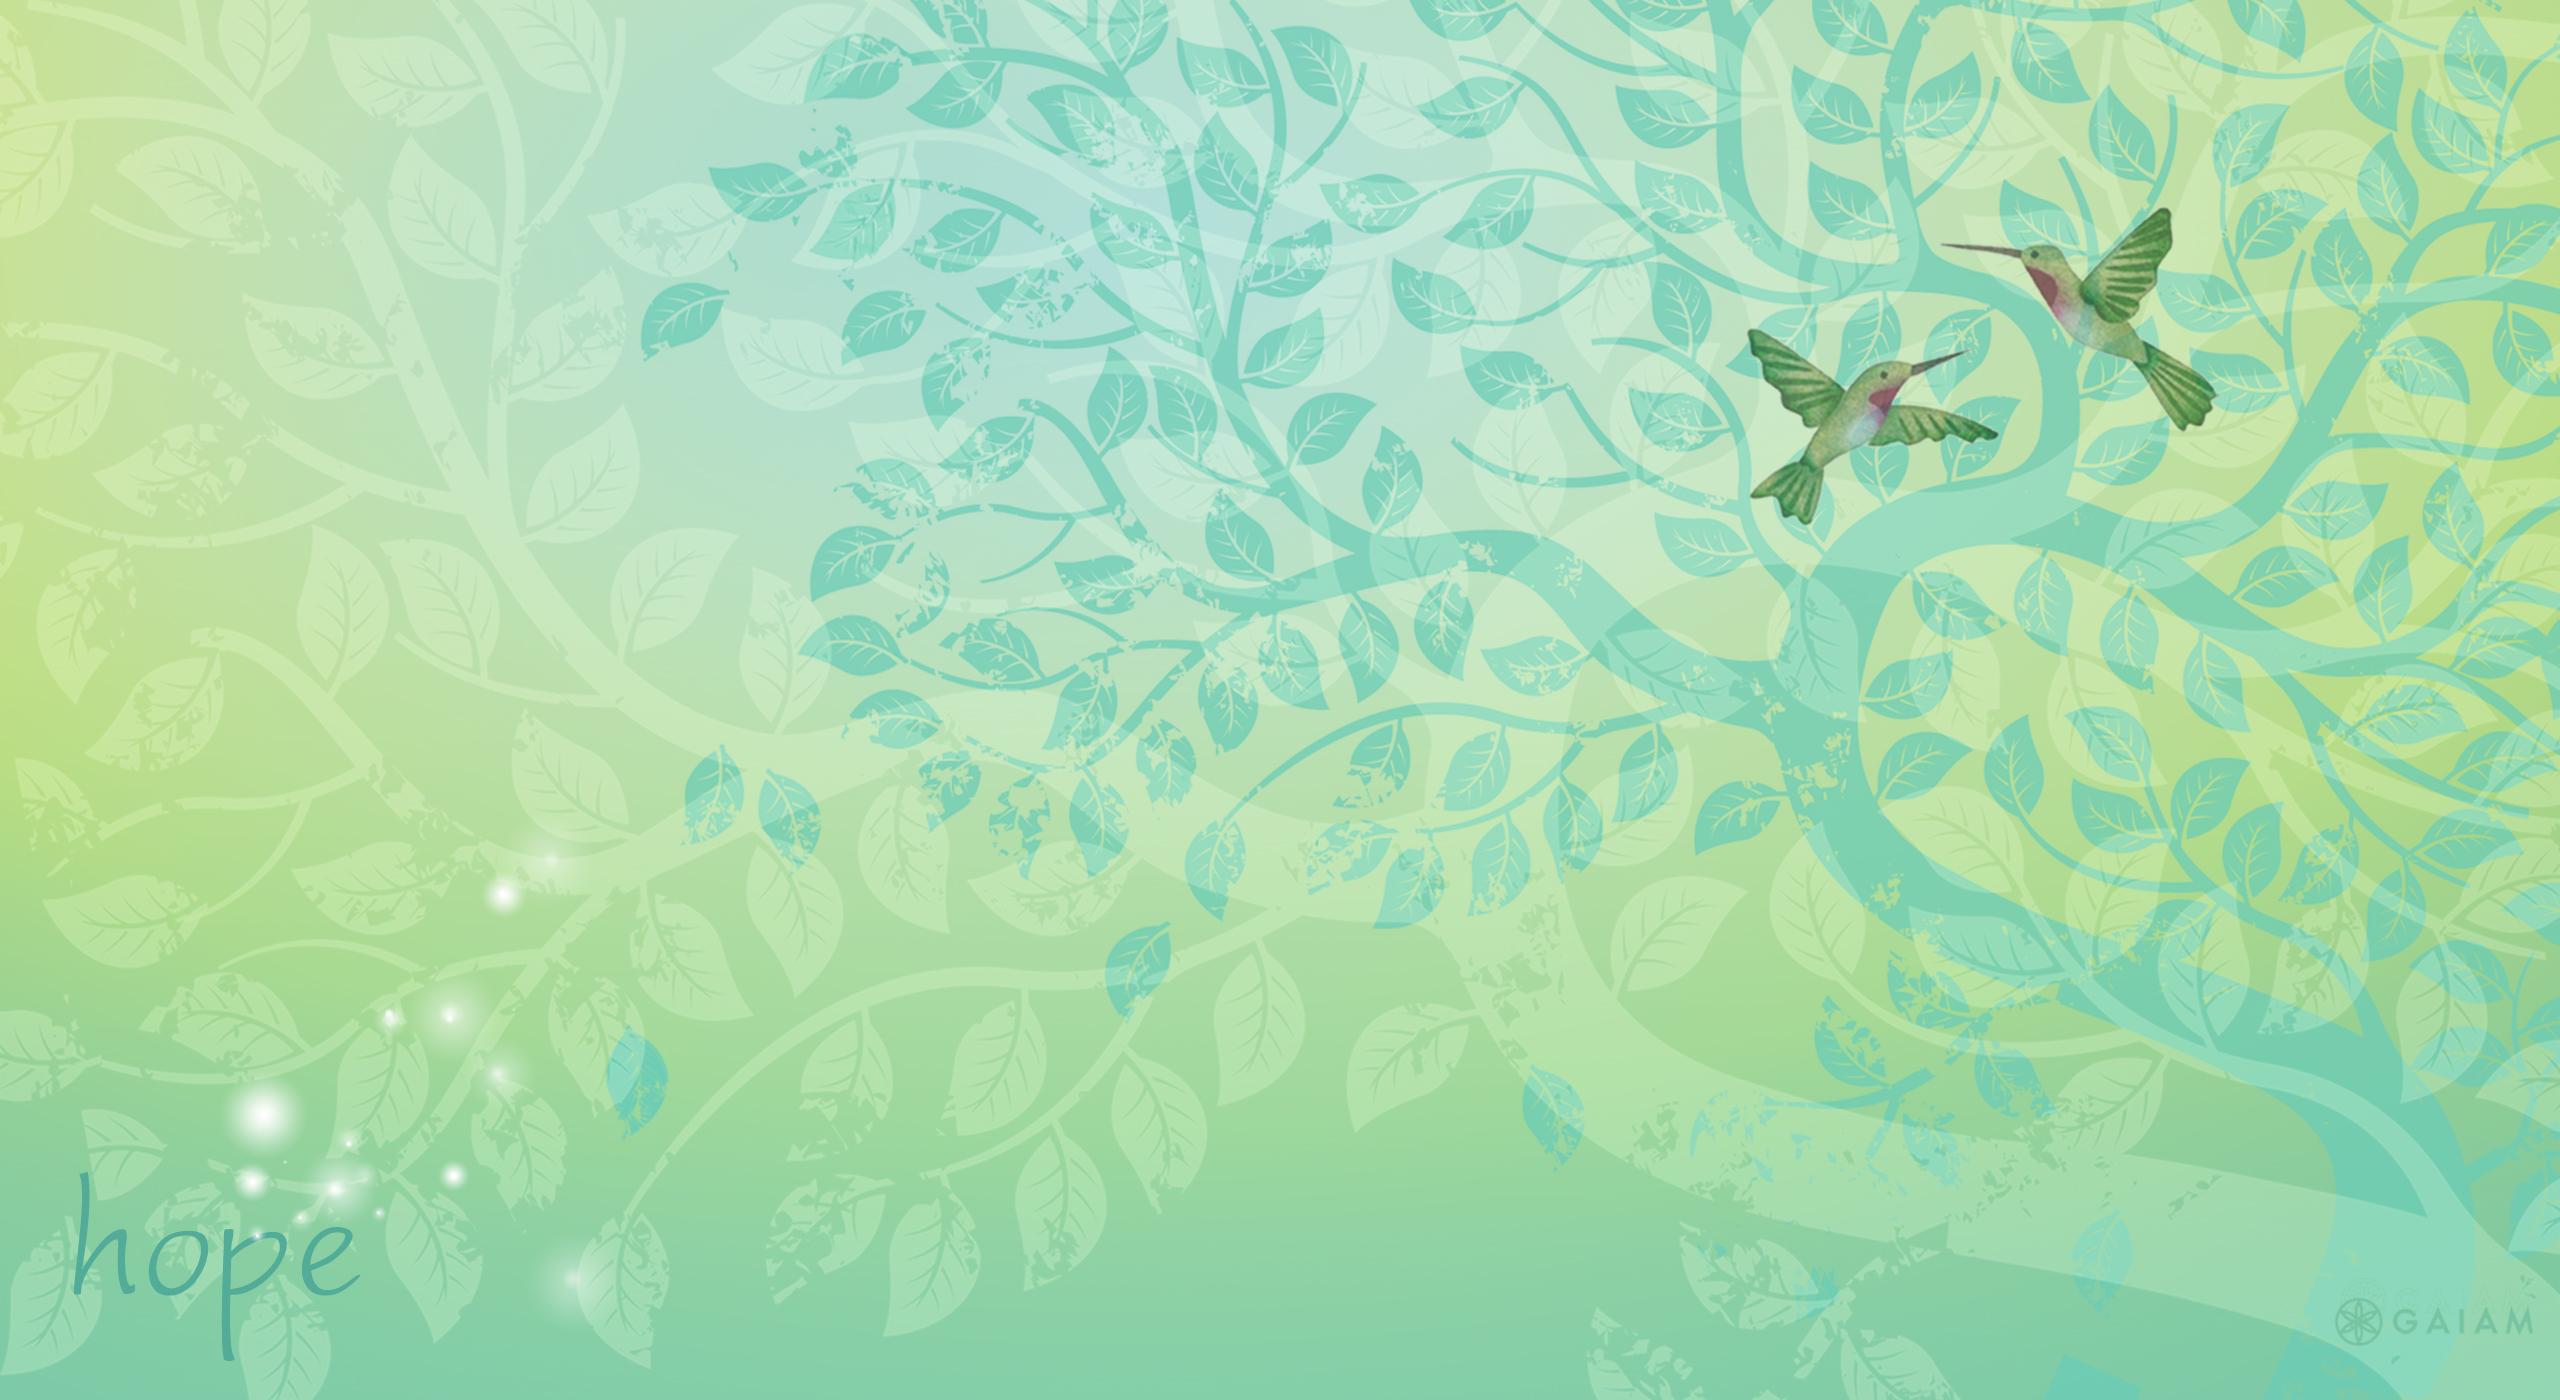 Happy Hope y Wallpapers   Gaiam Blog 2560x1400